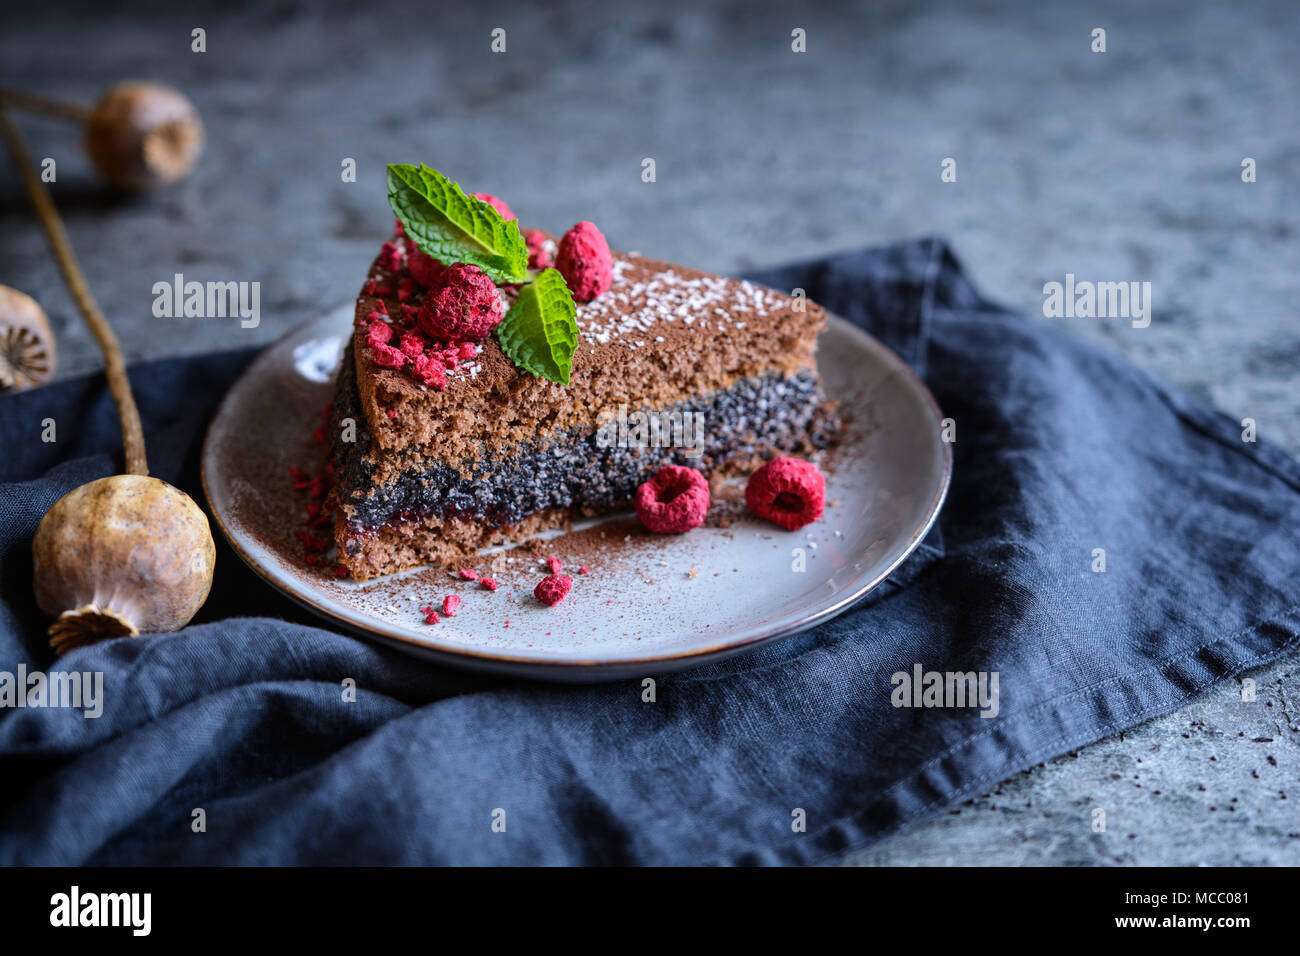 Eine Scheibe Von Kakao Kuchen Mit Mohn Und Kokos Fullung Mit Freeze